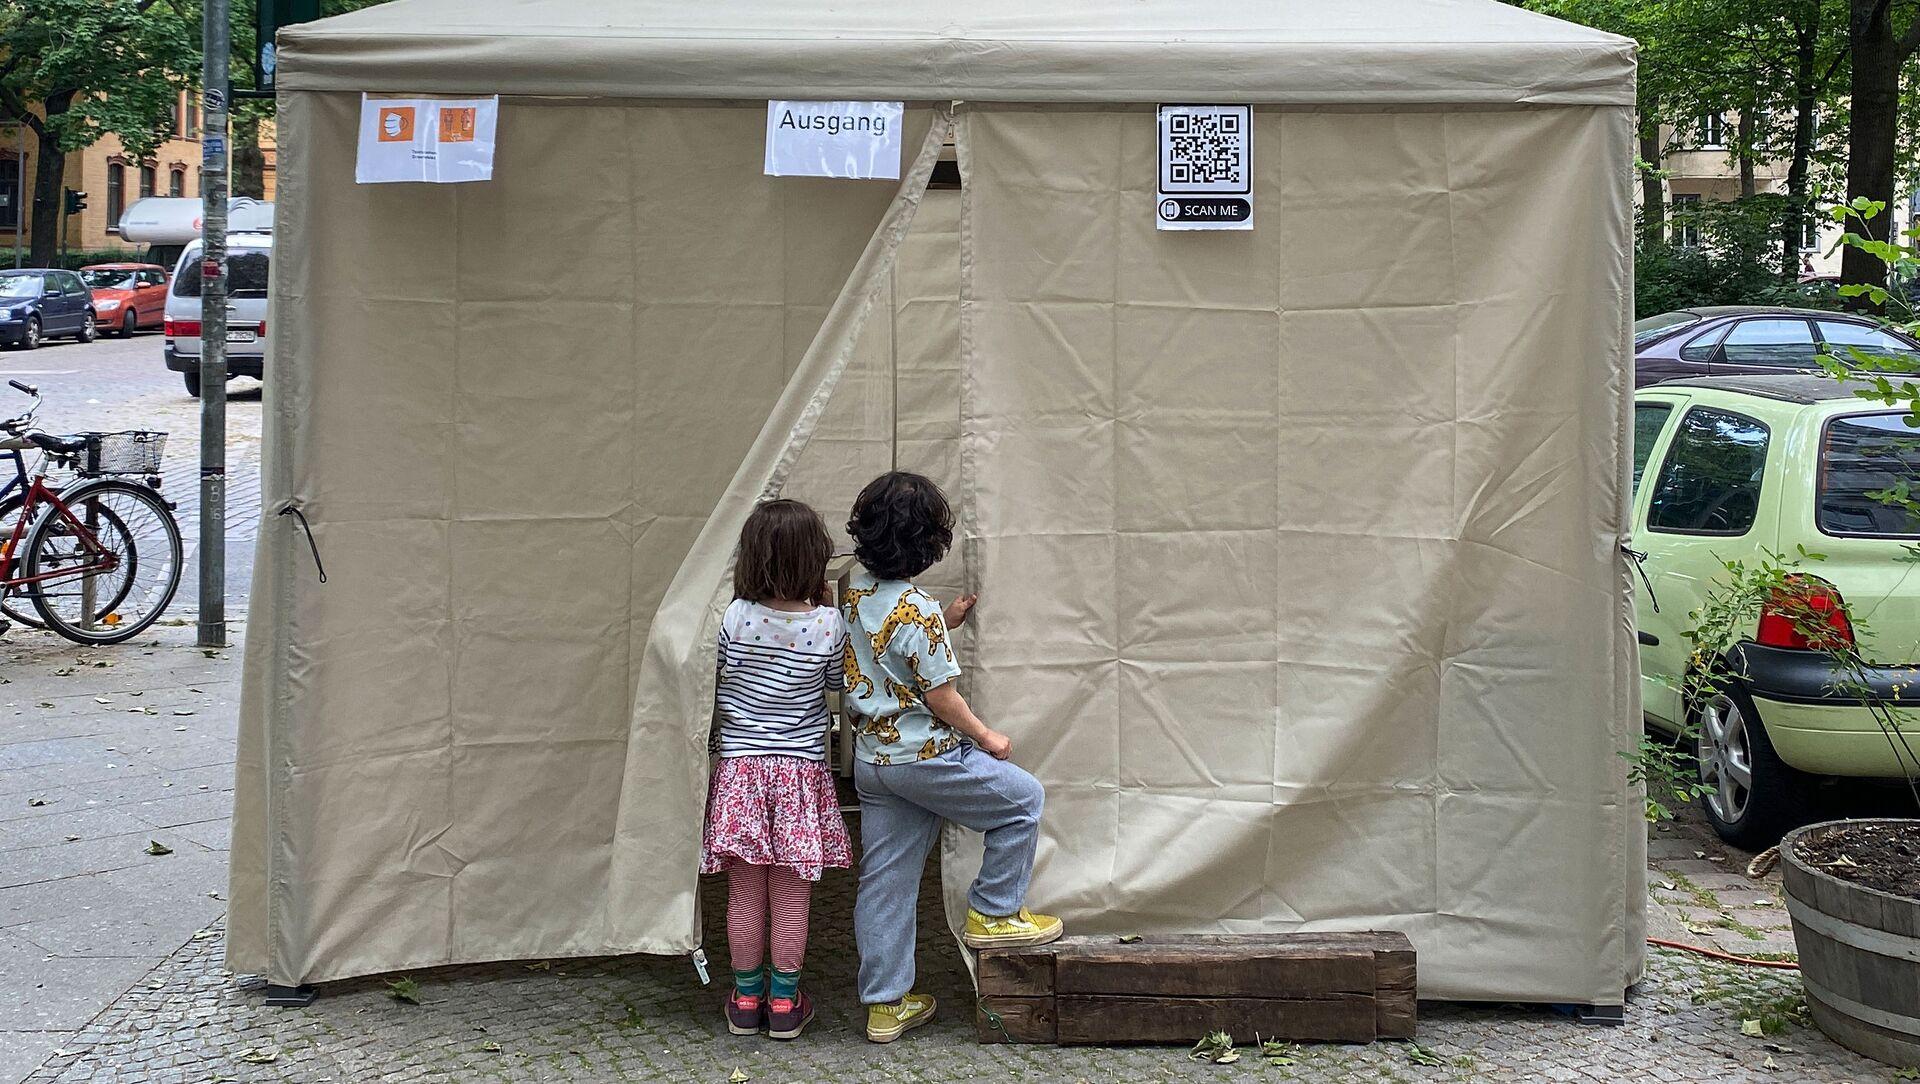 Deux enfants attendent leurs parents devant un lieu de dépistage du Covid-19, à Berlin en Allemagne - Sputnik France, 1920, 26.07.2021